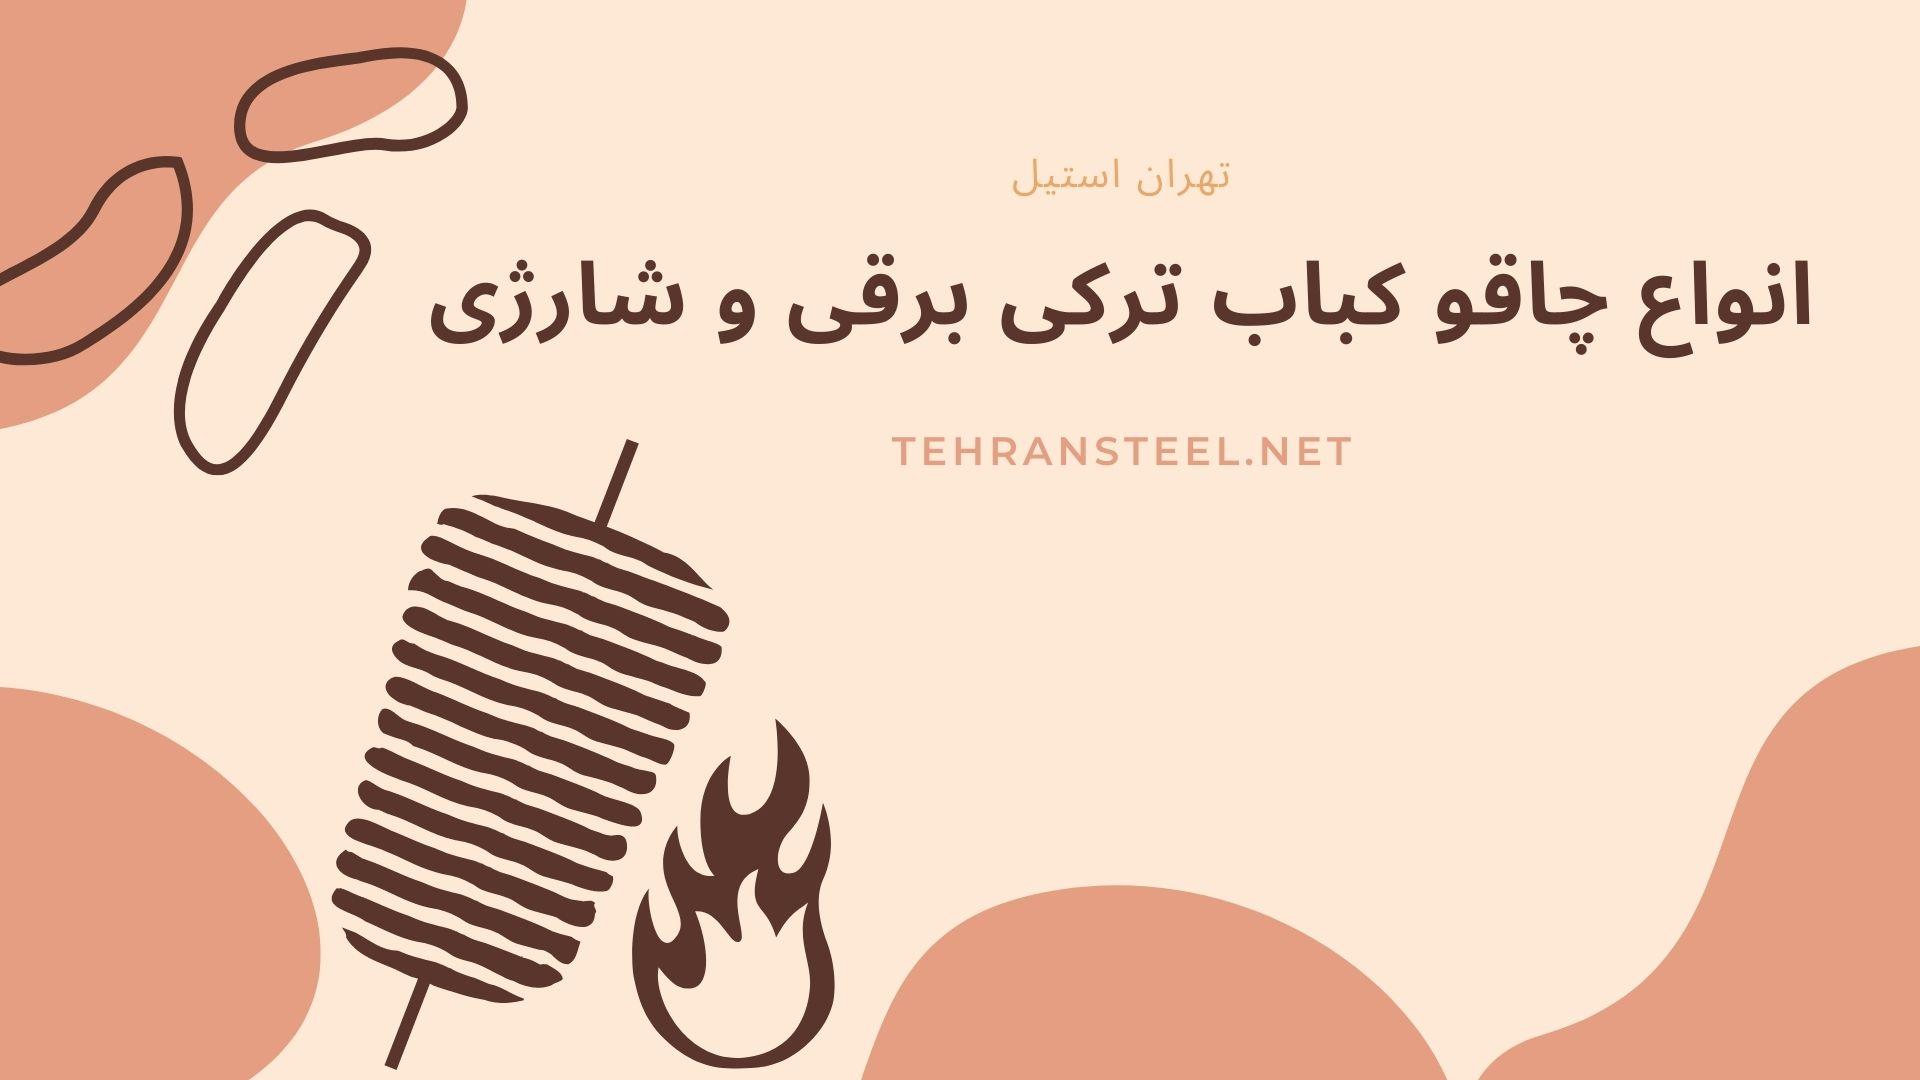 انواع چاقو کباب ترکی برقی و شارژی آشپزخانه صنعتی